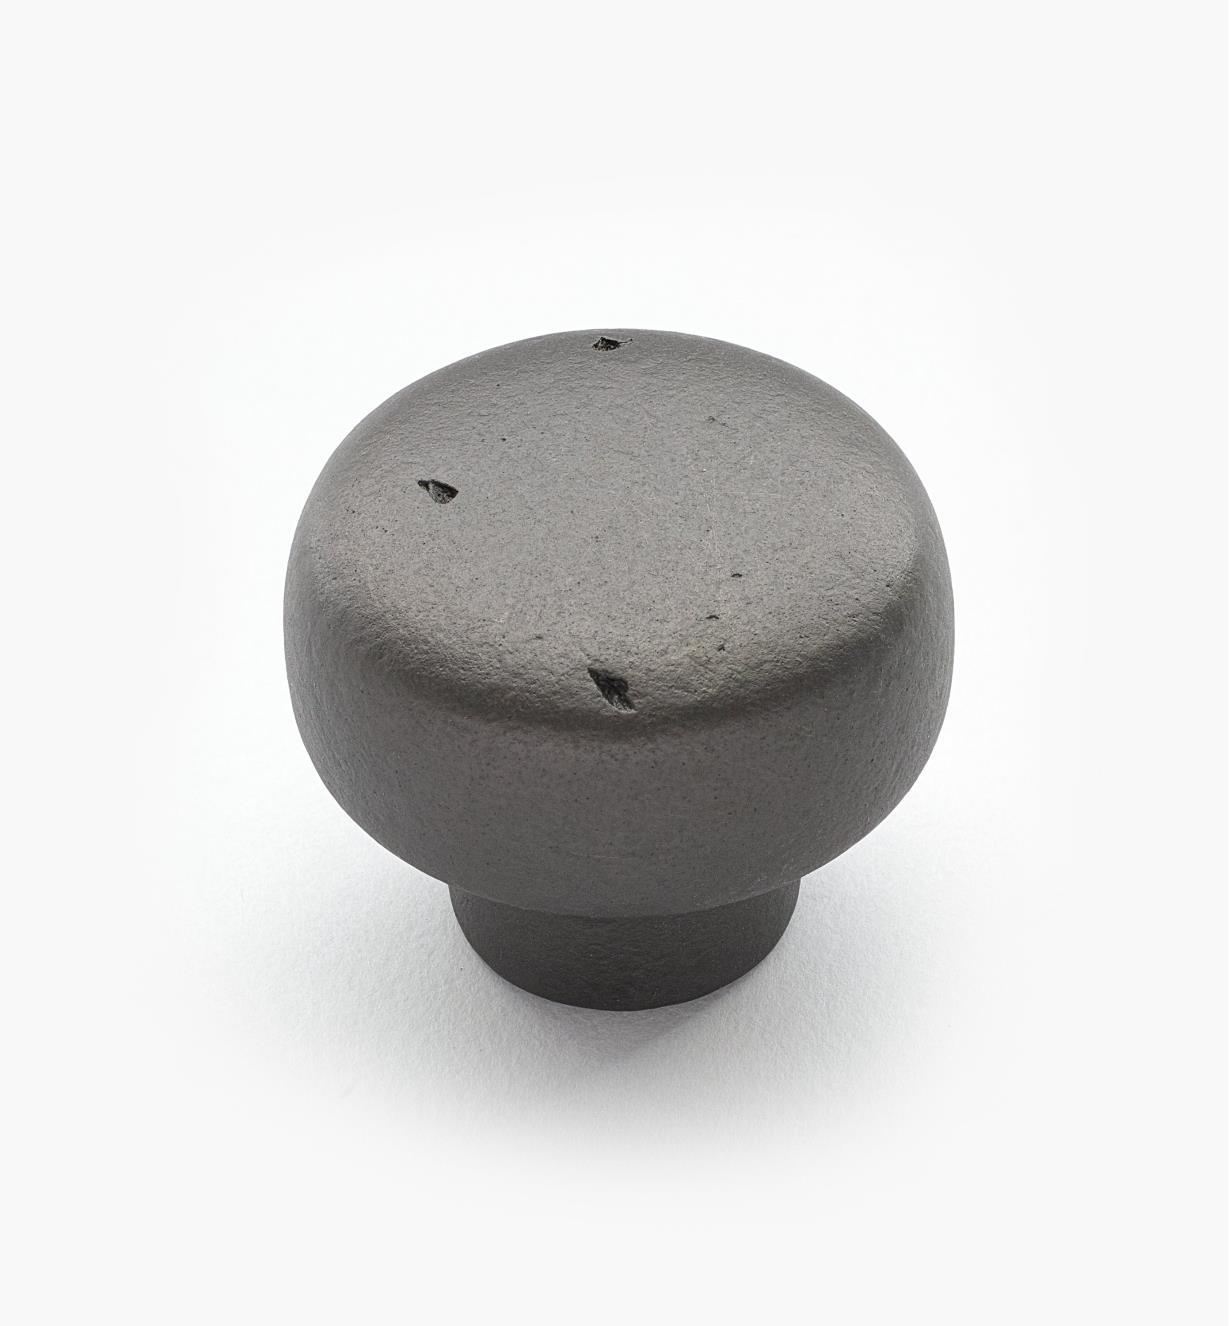 02W4501 - Sierra Suite Round Knob